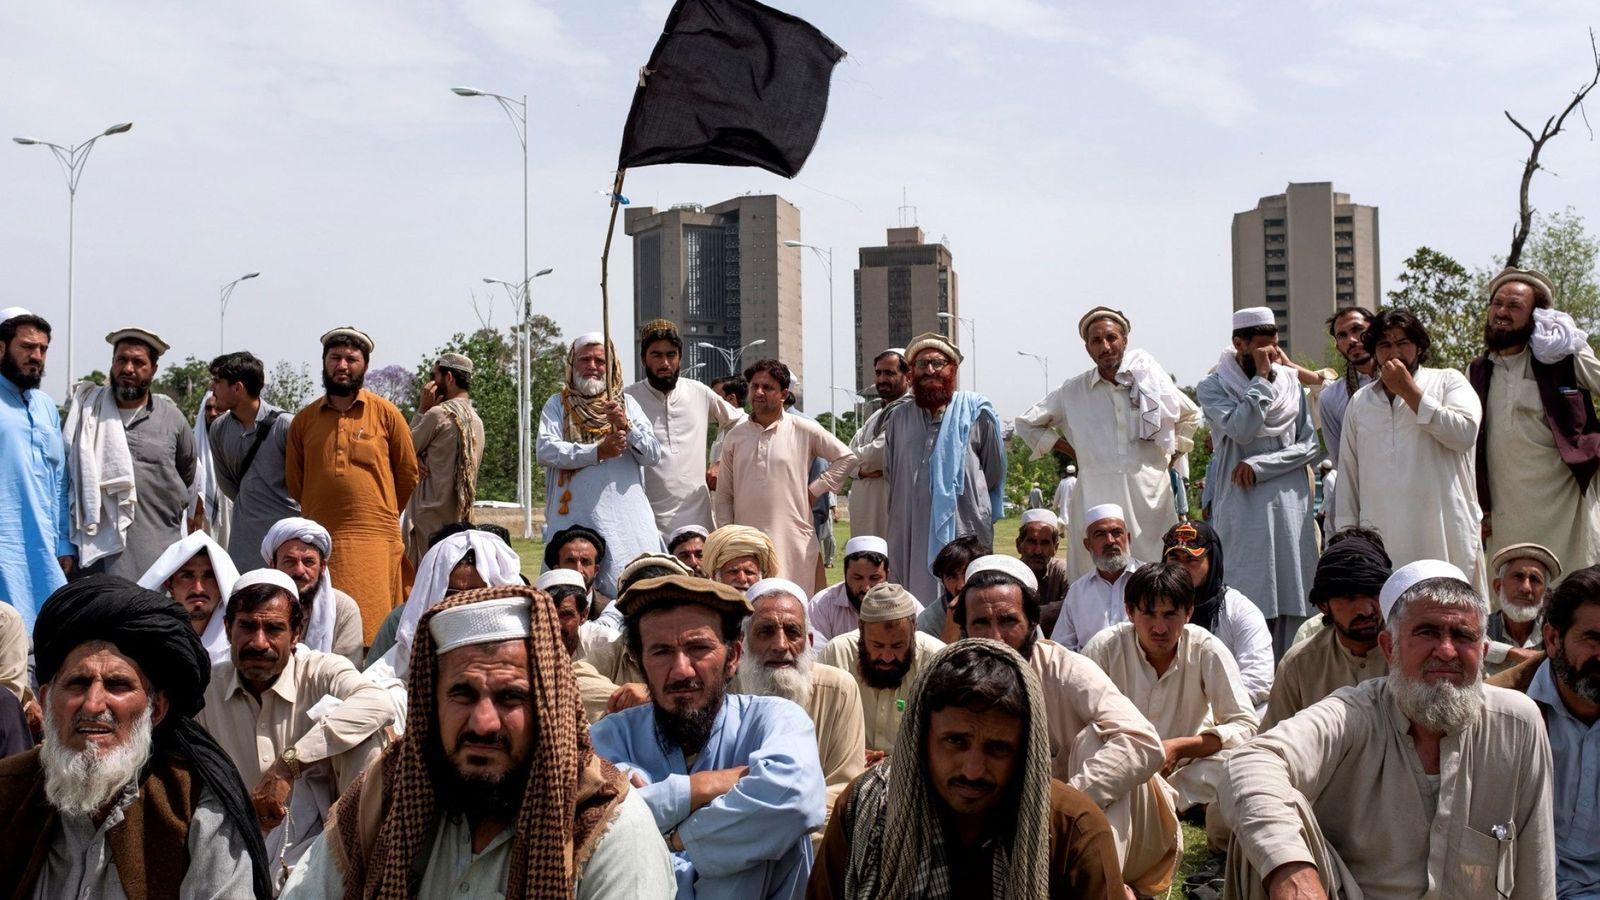 Foto: Comerciantes pastunes de Waziristán del Norte reclaman compensaciones en Islamabad por daños en operaciones antiterroristas, el 18 de abril de 2018. (EFE)